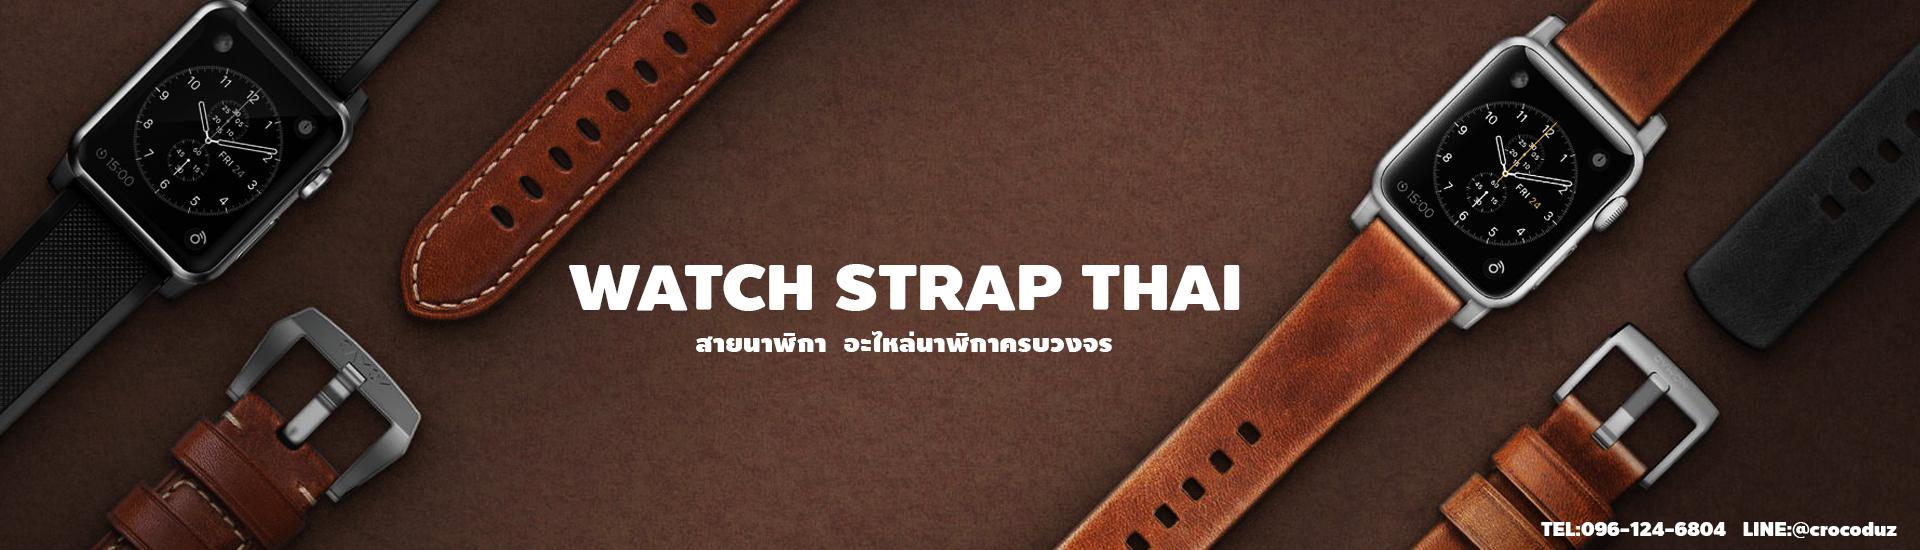 สายนาฬิกา ครบวงจร WATCH STRAP THAI